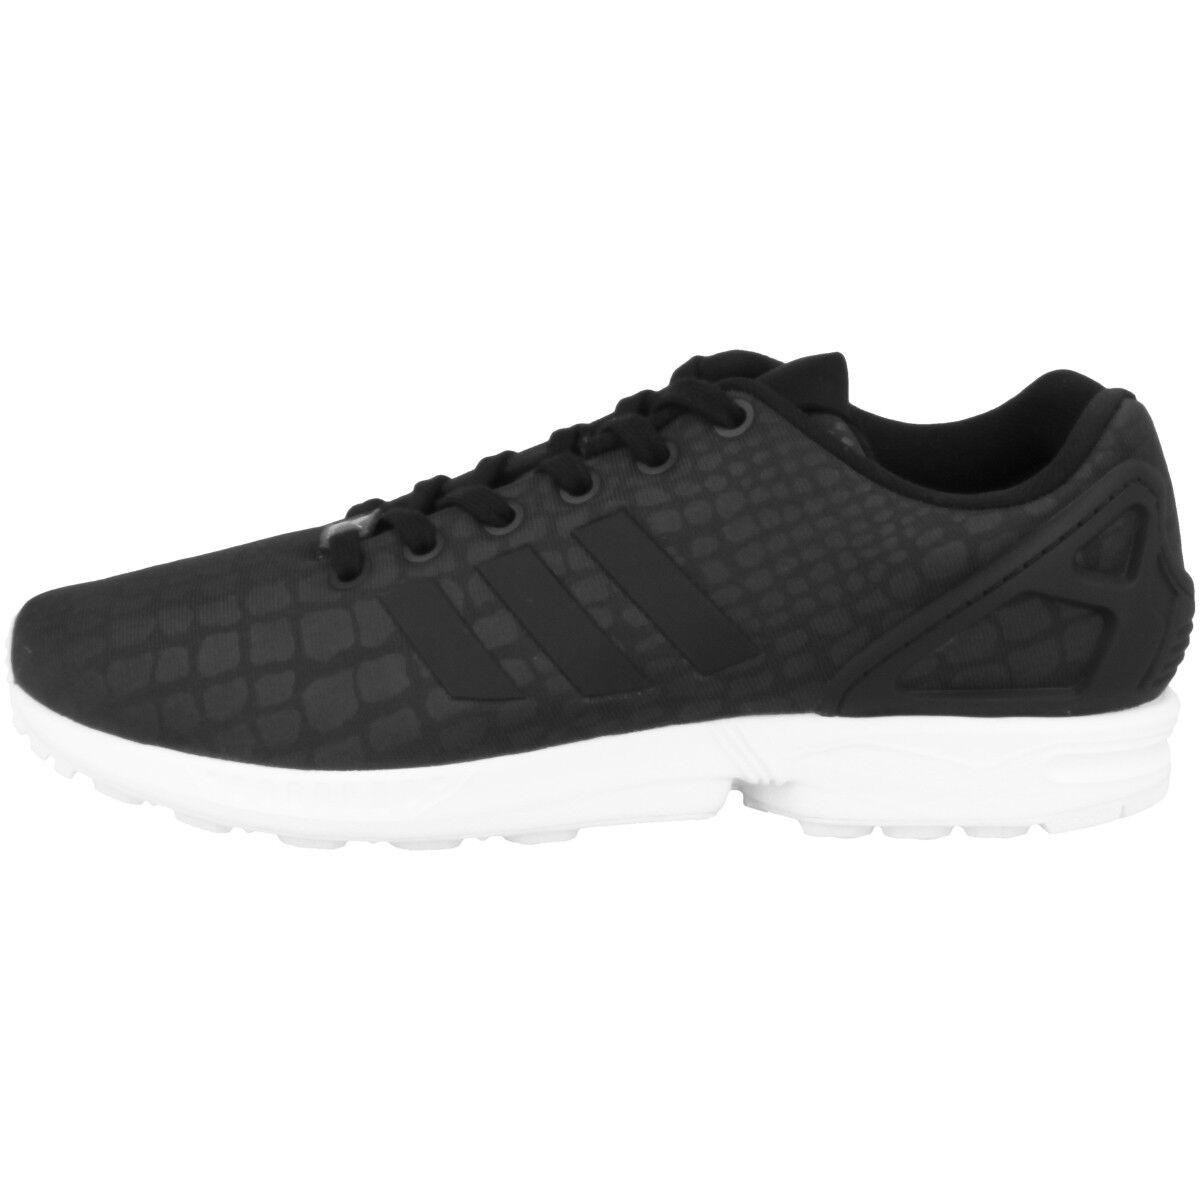 Adidas ZX Flux damen Damen Schuhe Turnschuhe schwarz Weiß BY9224 Los Angeles ZX750